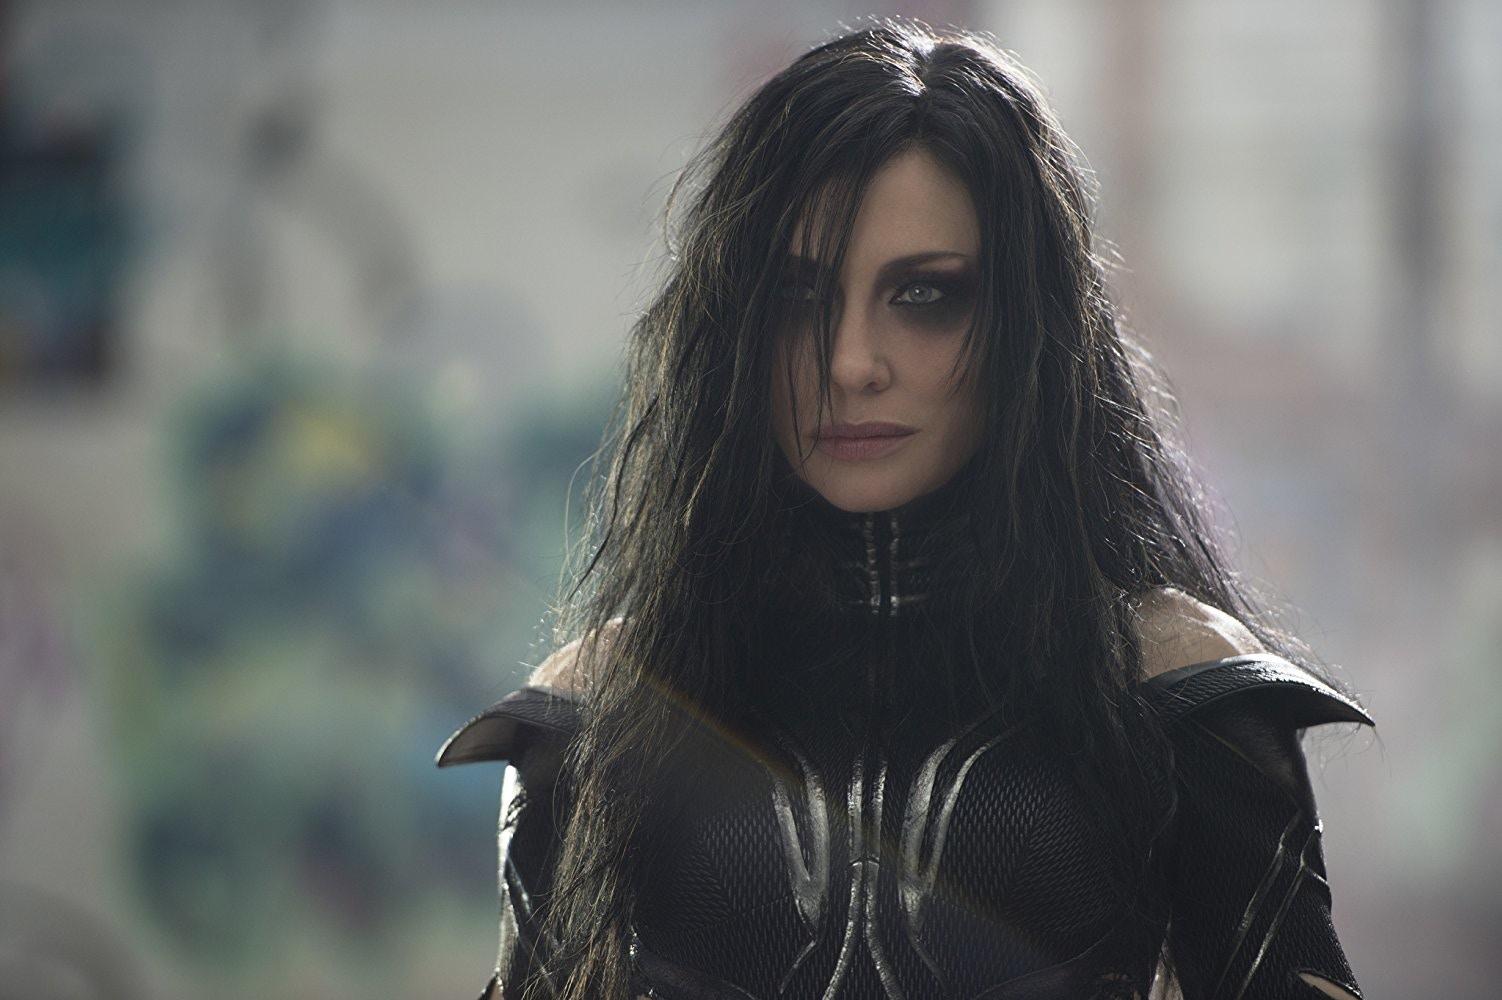 2017 年漫威超級英雄電影《雷神索爾 3:諸神黃昏》中的冥后海拉,也是索爾與洛基的姊姊。